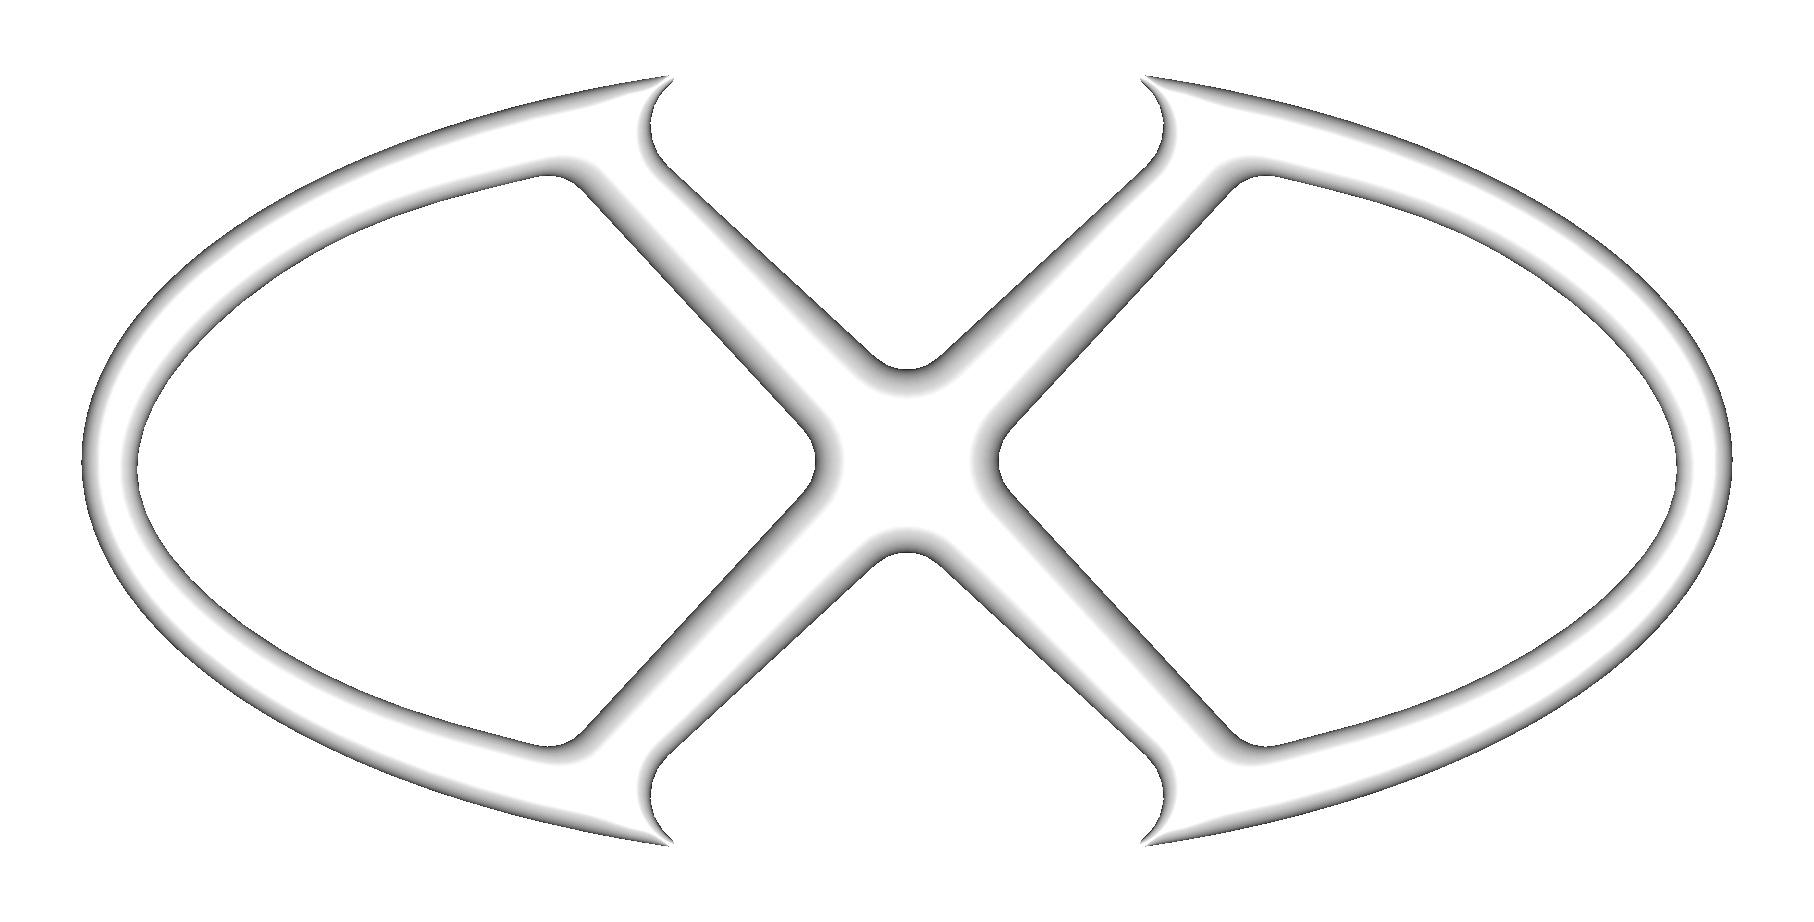 MX83 Front Seat Mount Bracket Kit w/ adapter brackets